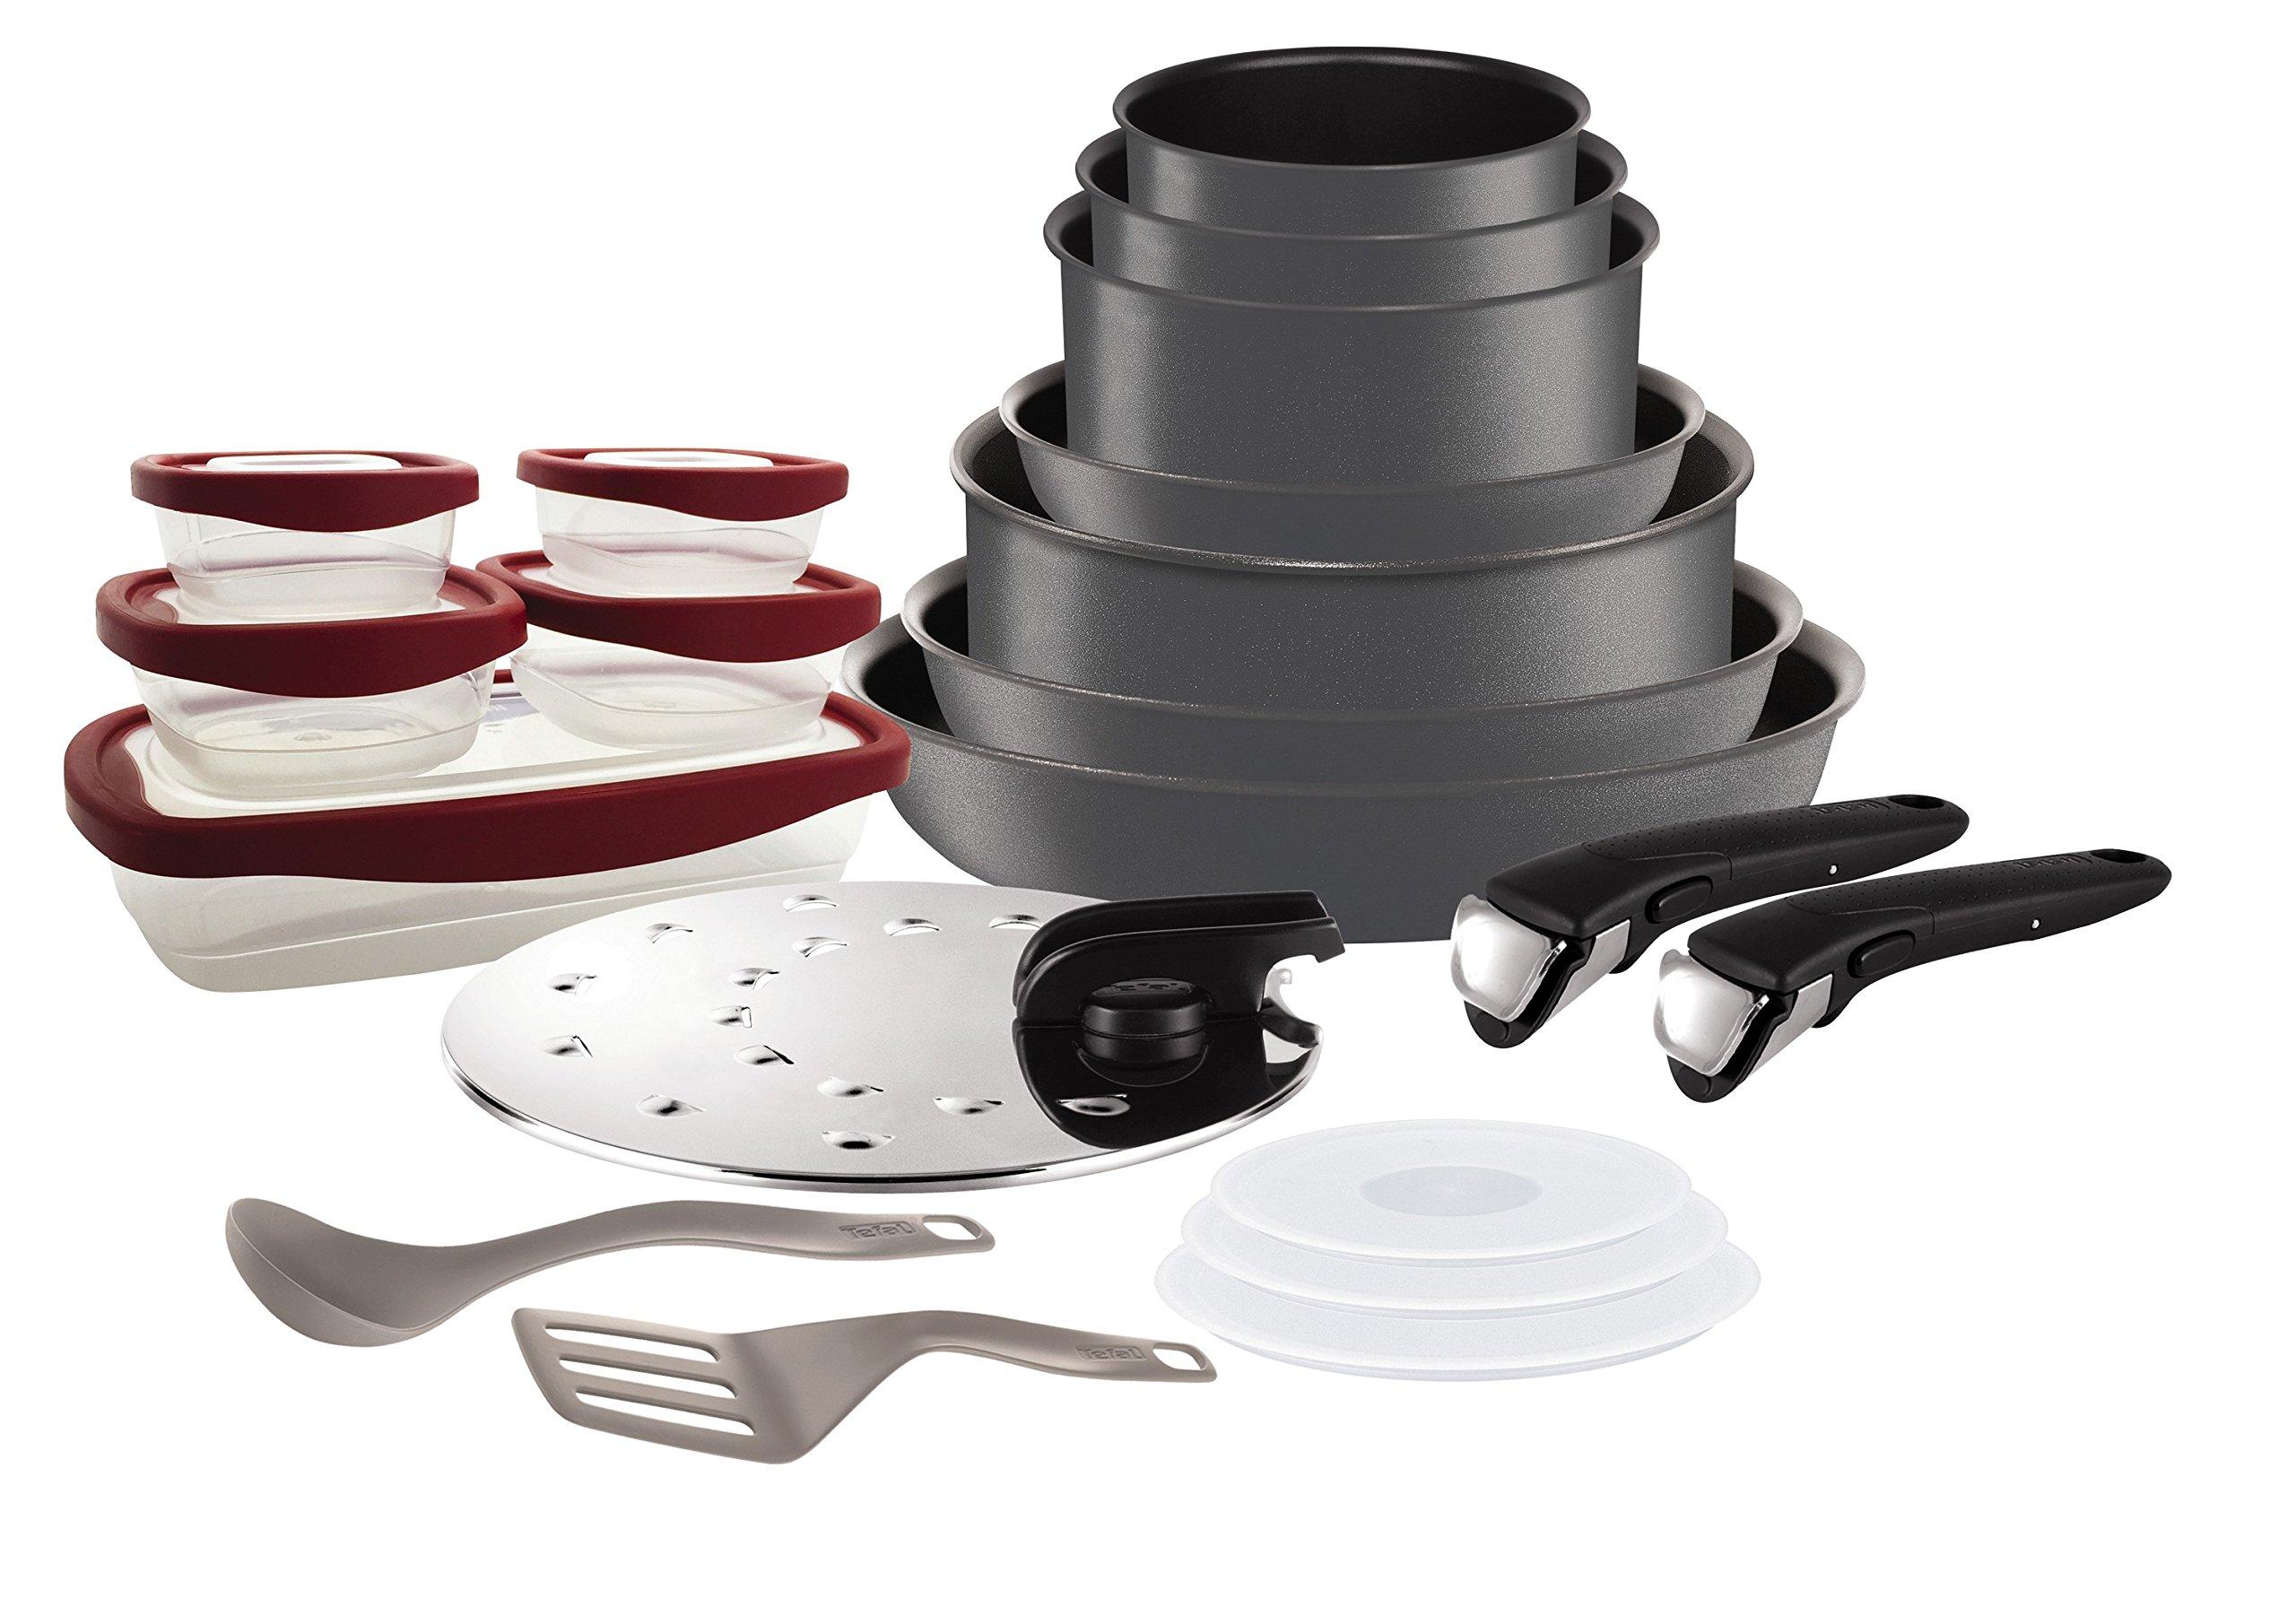 Tefal L6589903 Set de poêles et casseroles - Ingenio 5 Performance Gris 20 Pièces - Tous feux dont induction product image